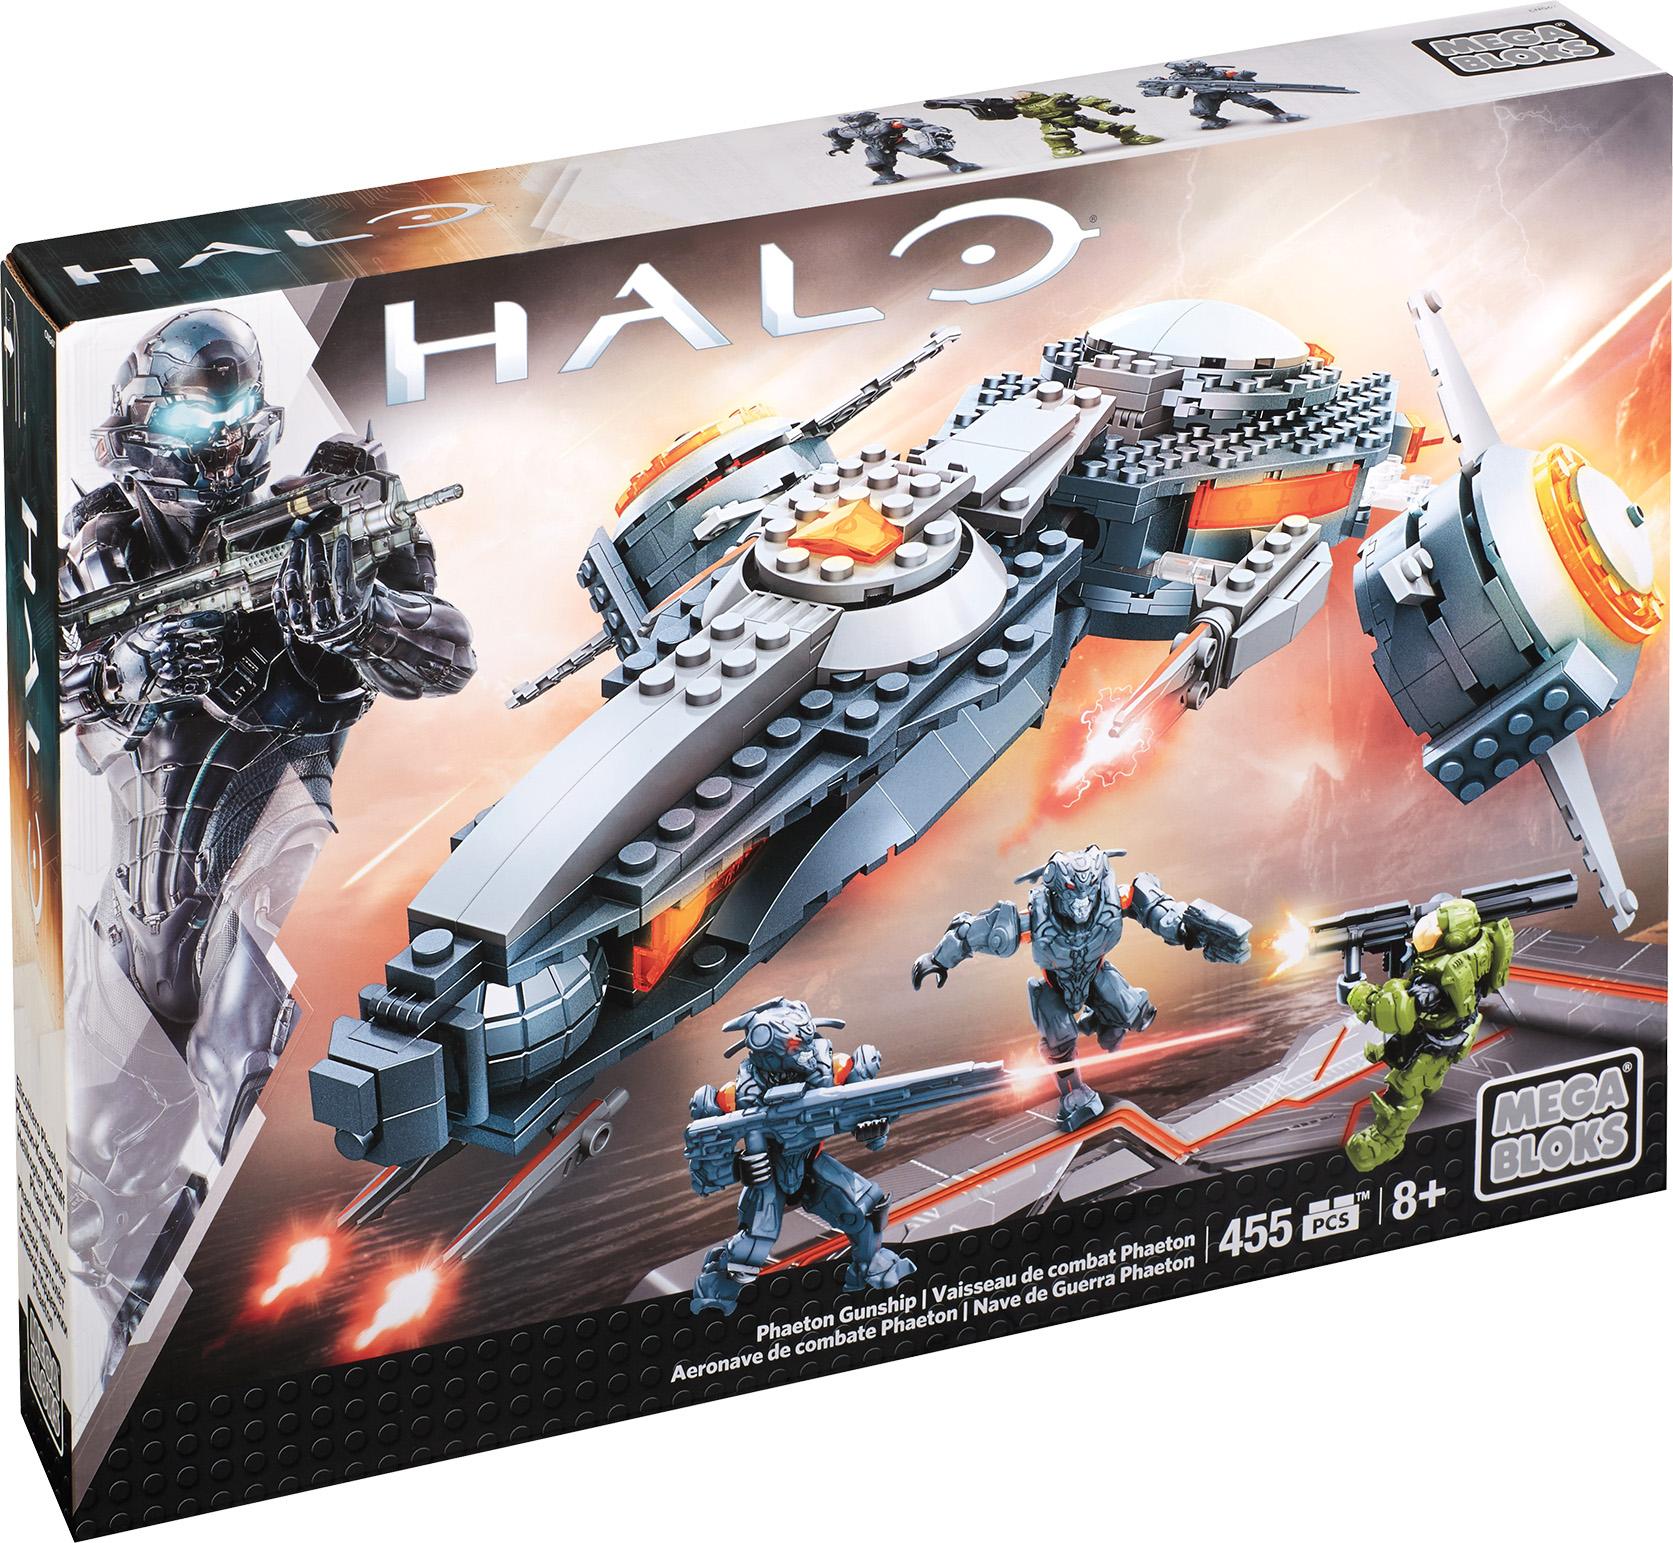 Mega Bloks Halo Phaeton Gunship Deal